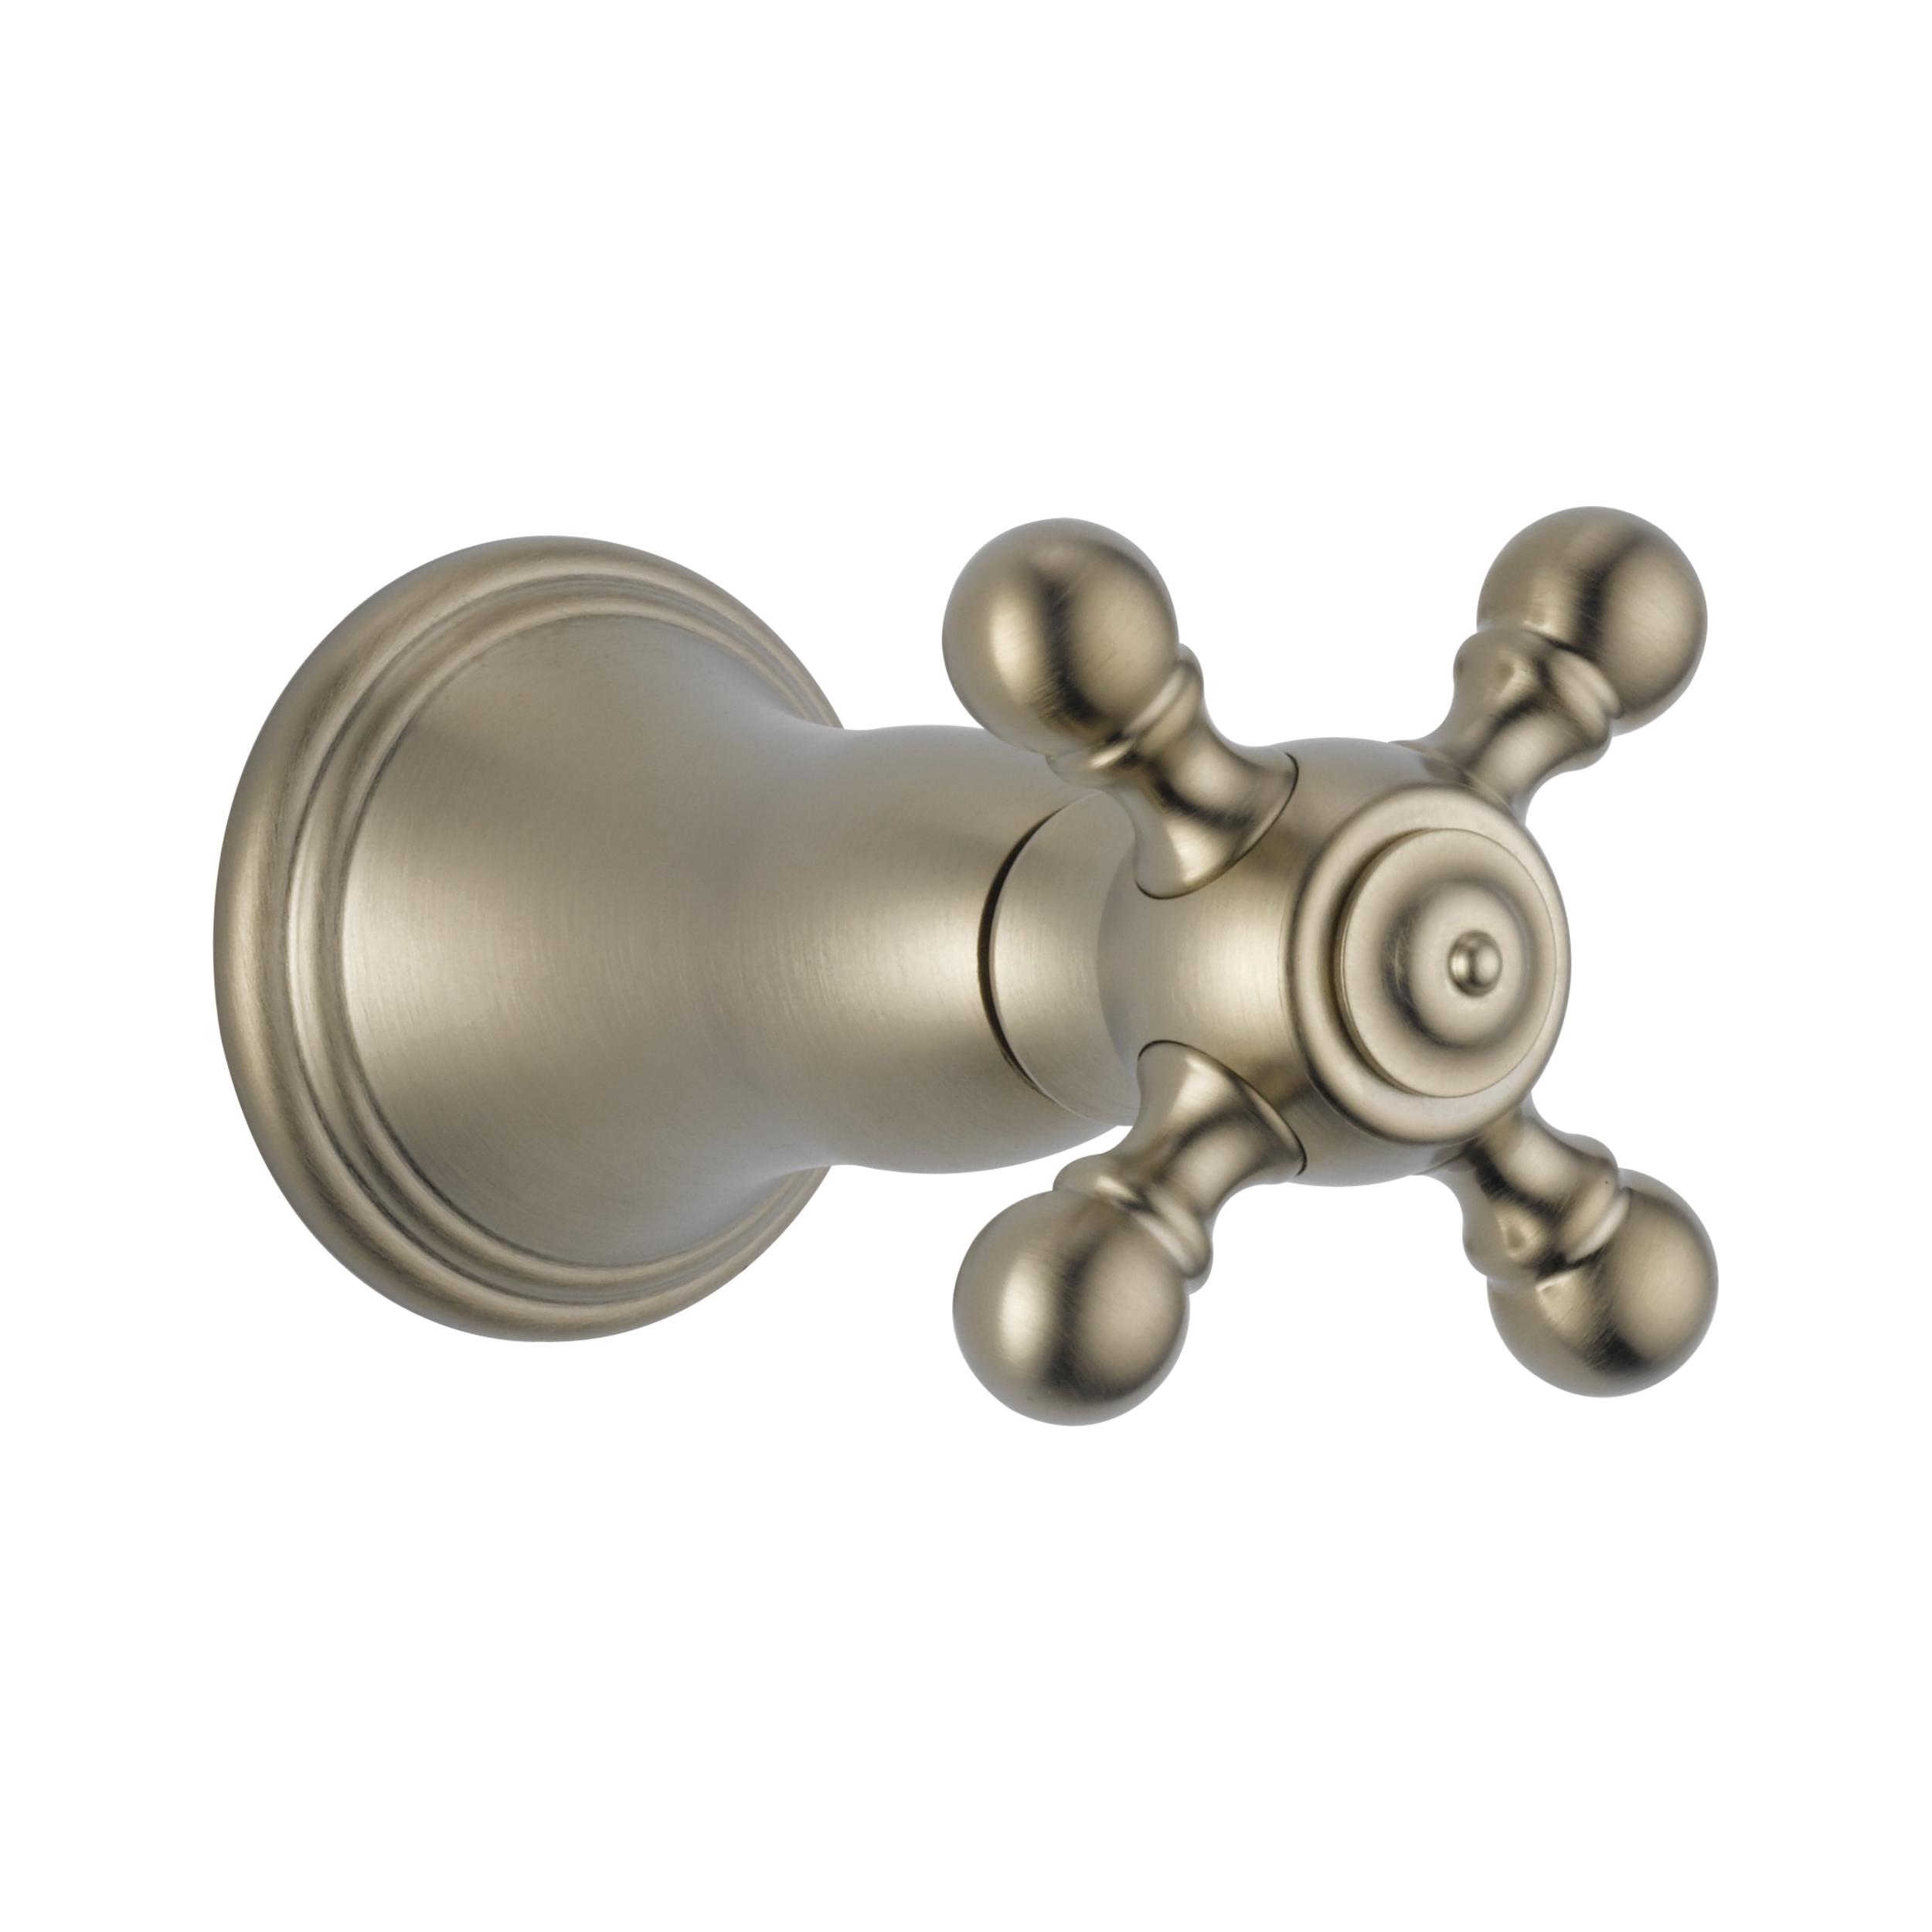 Brizo® T66638-BN Volume Control Shower Trim, 9.1 gpm Shower, Brushed Nickel